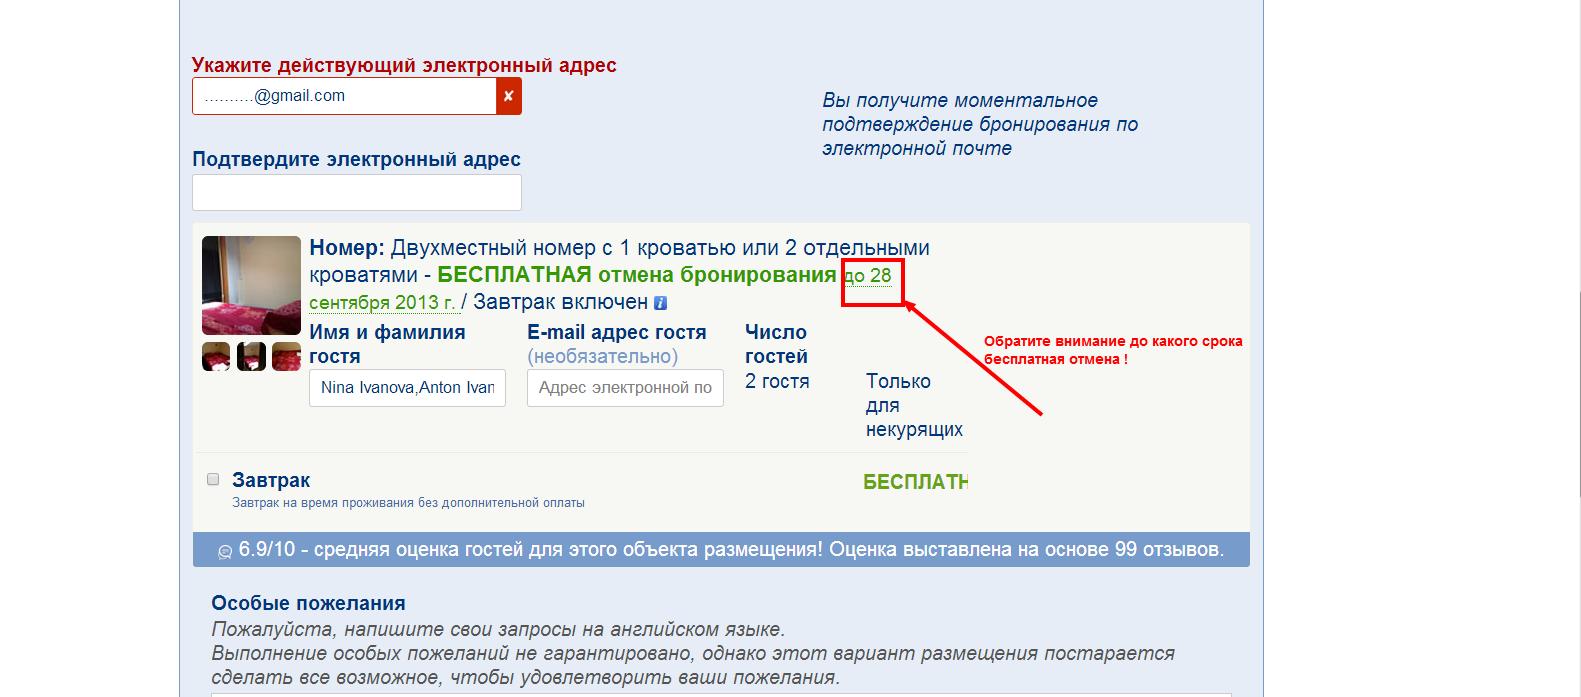 Букинг ру бронирование отелей онлайнi москва оренбург купить авиабилет lang ru